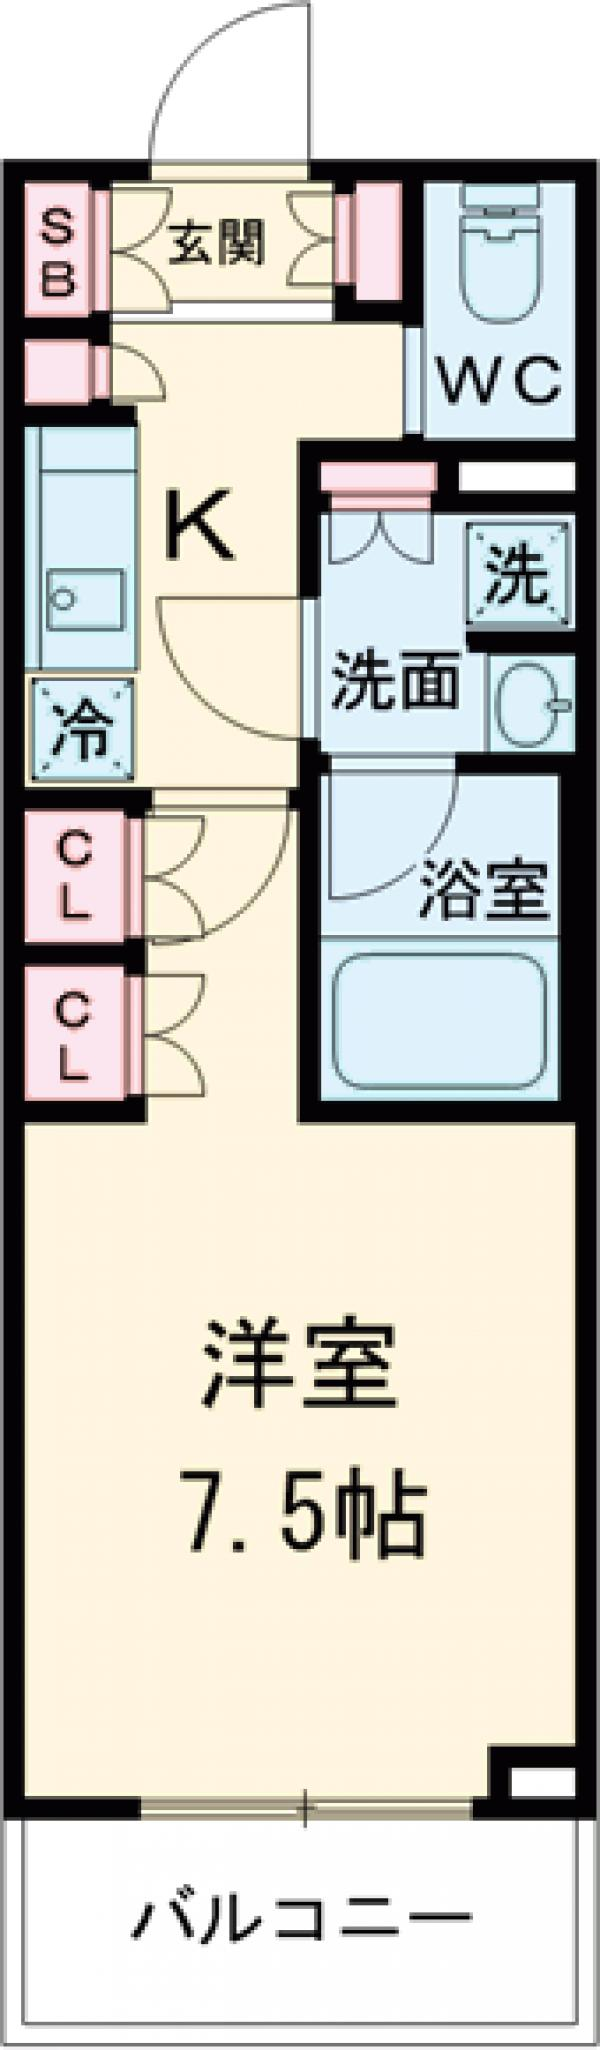 ブライズ世田谷桜・306号室の間取り